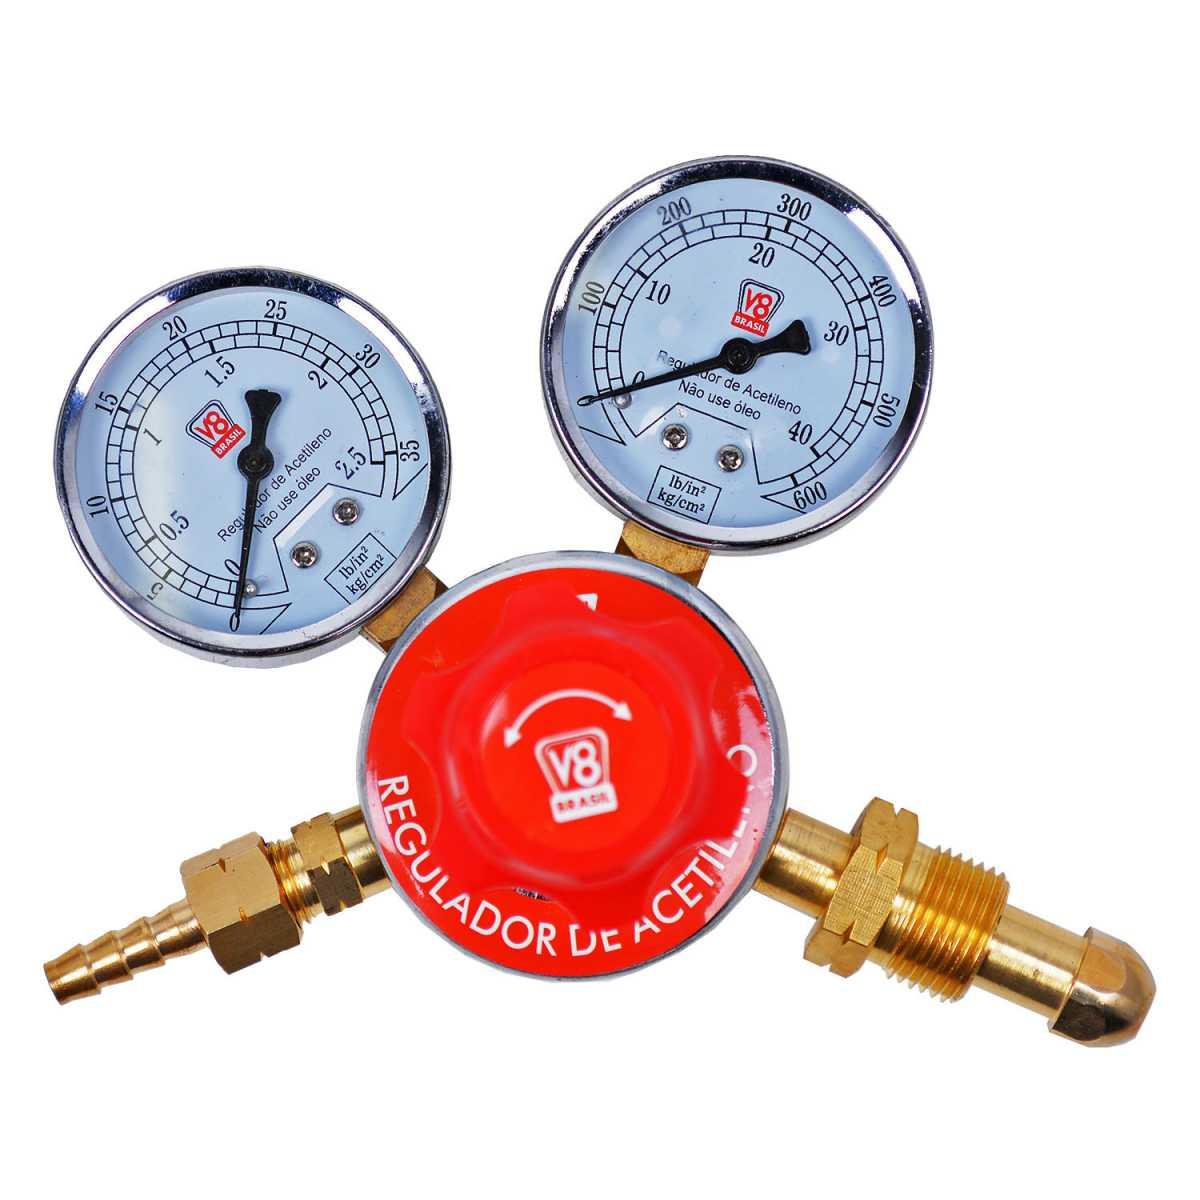 Regulador de Pressão Gás Acetileno 110183 V8 Brasil